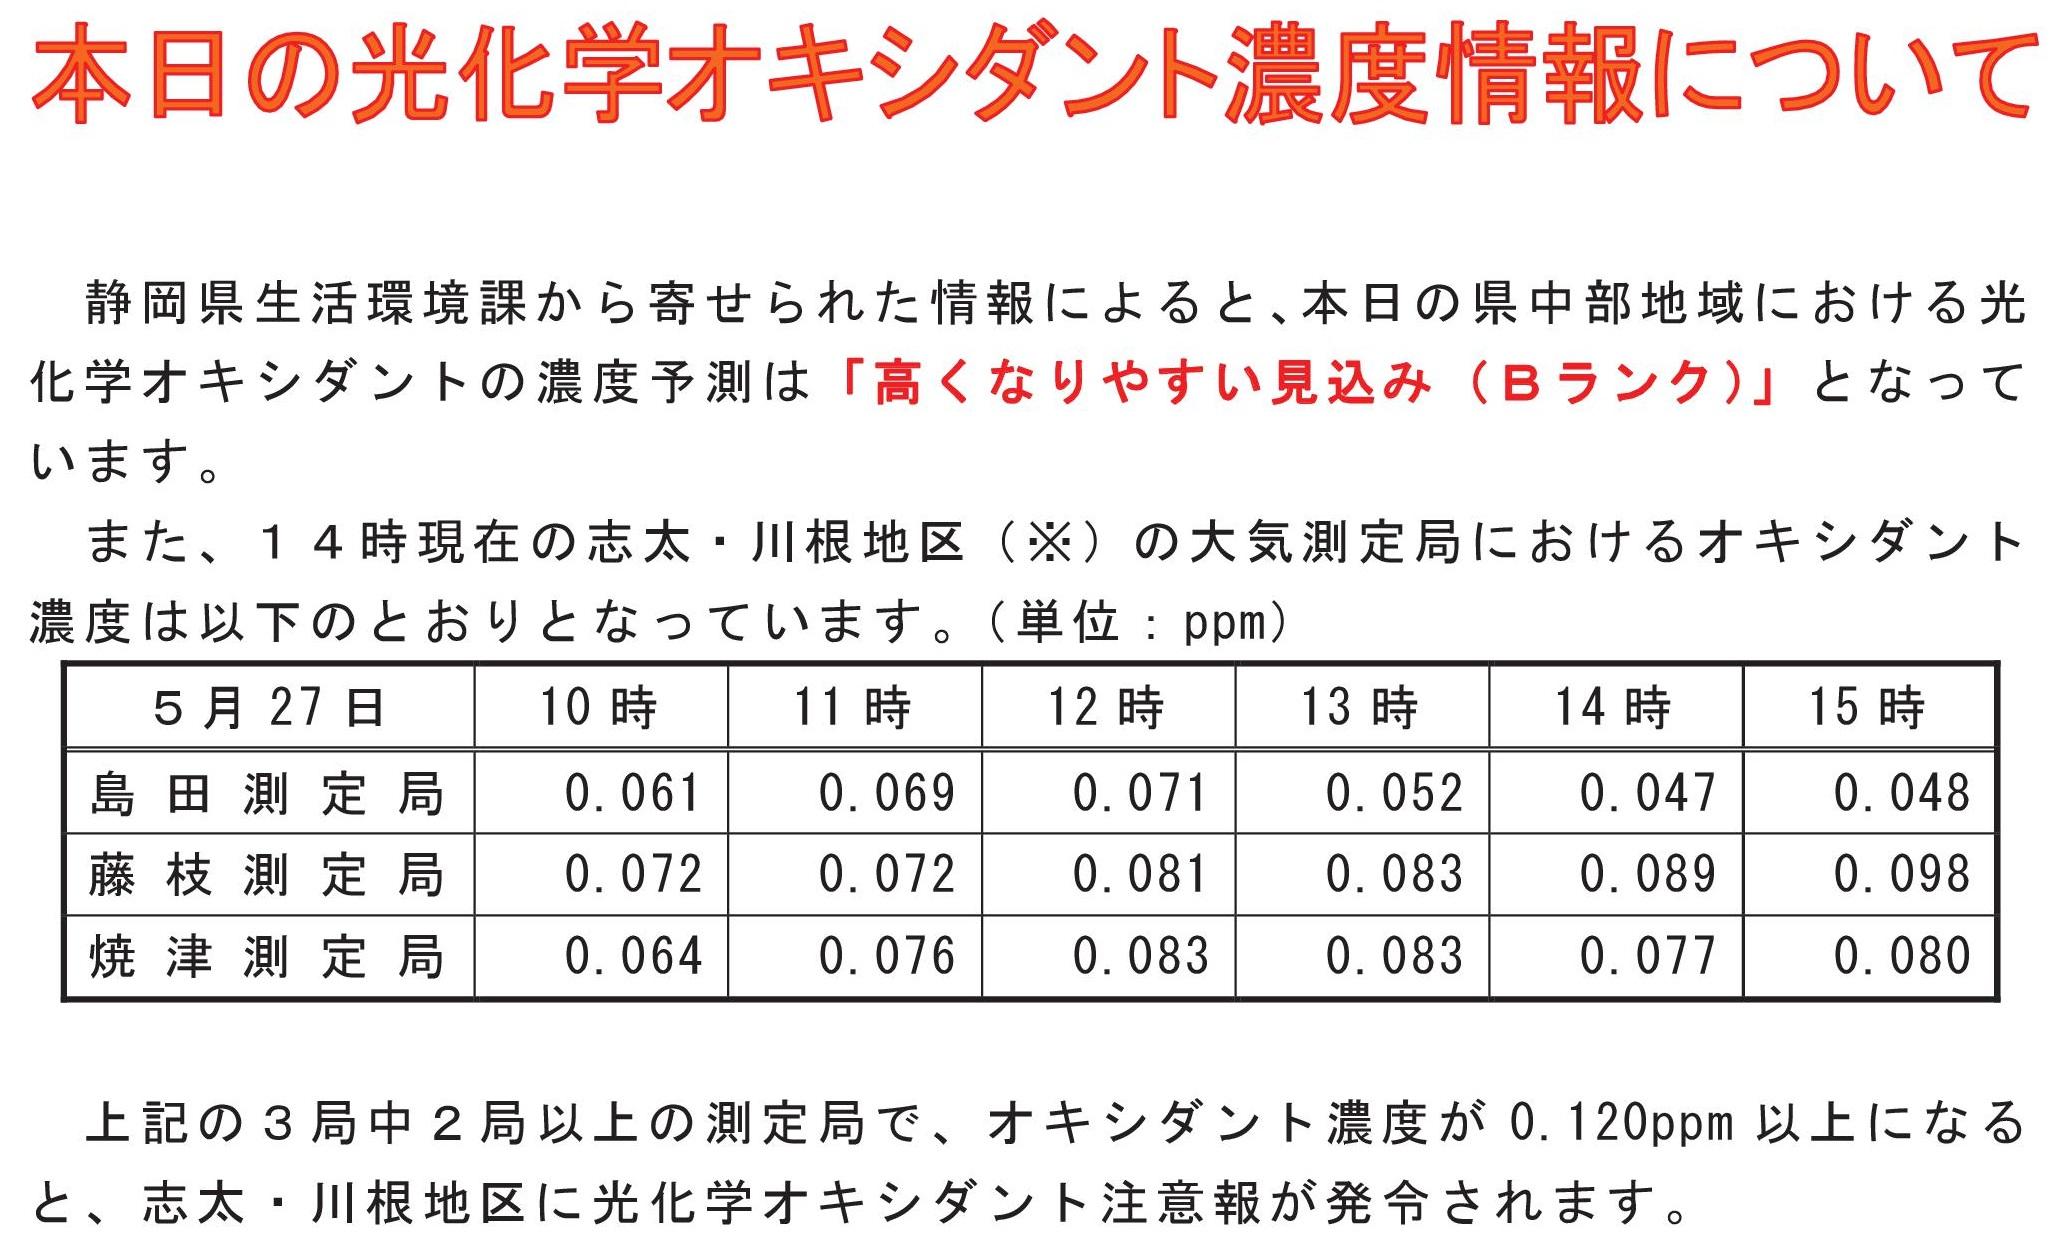 本日の大気汚染(オキシダント)情報0527